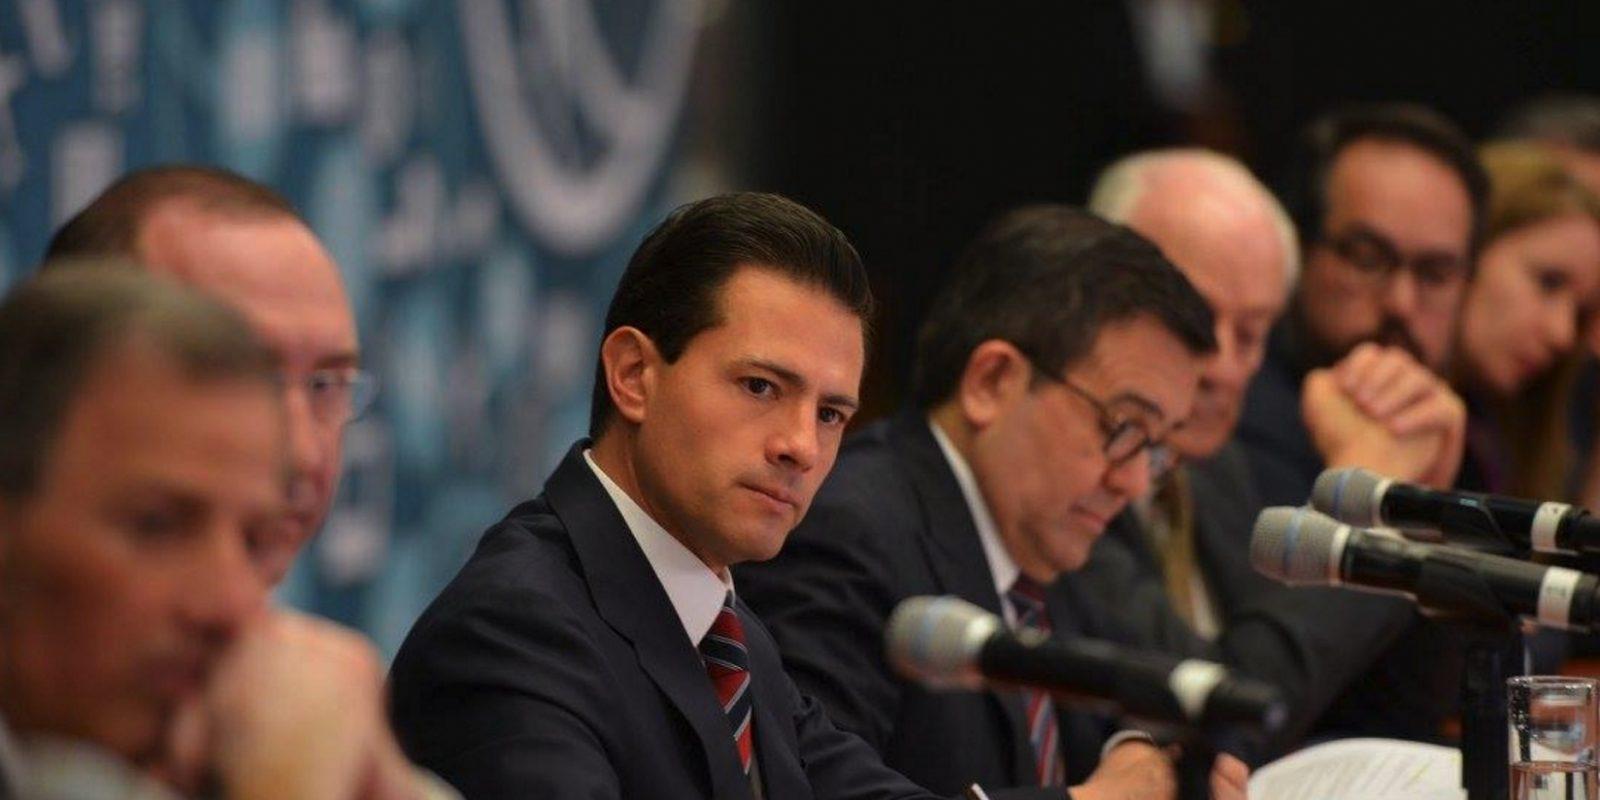 Recibe Peña Nieto propuesta de empresarios para un crecimiento incluyente. Imagen Por: Presidencia de la República